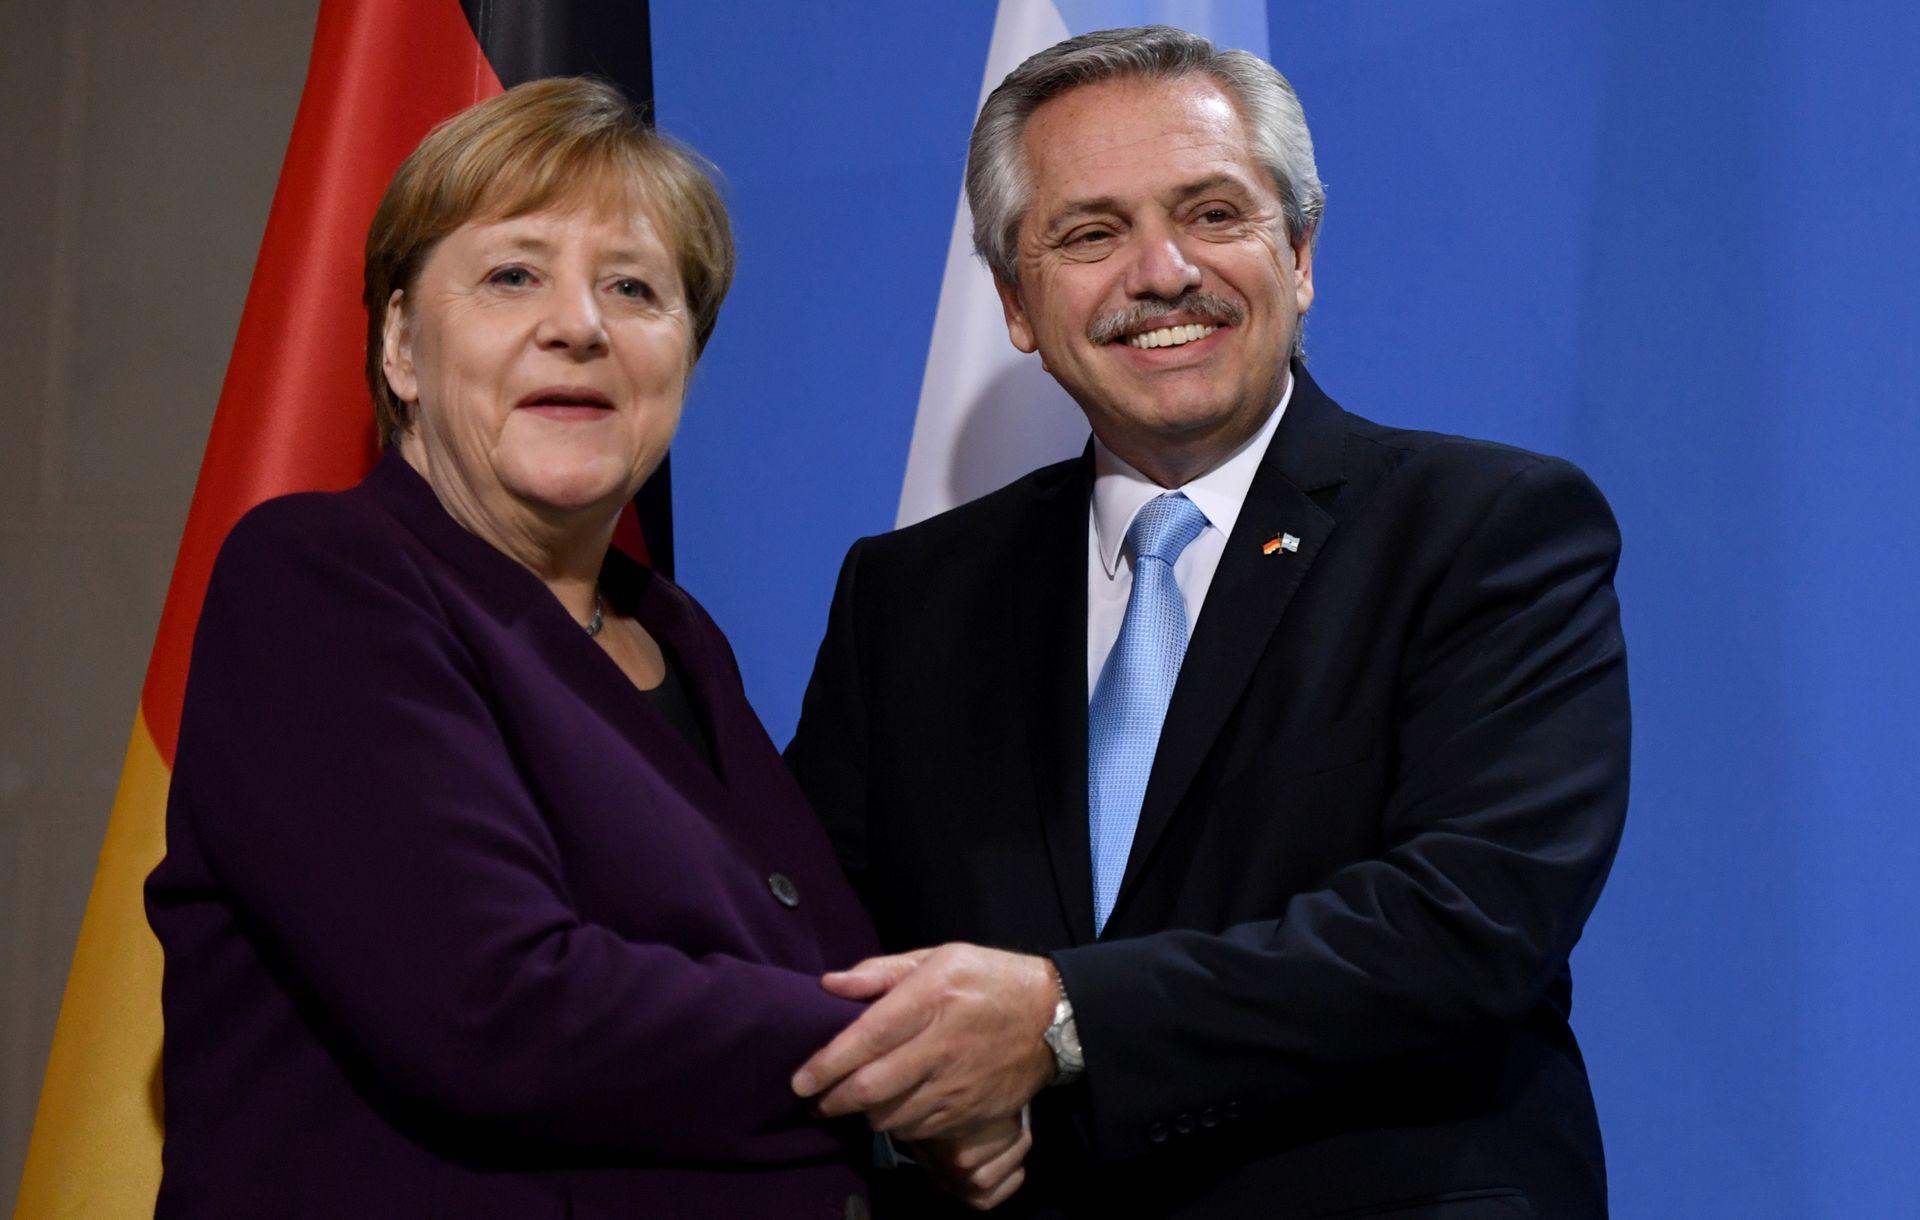 La canciller alemana y el presidente de Argentina, Alberto Fernández, se dan la mano después de una conferencia de prensa en la Cancillería en Berlín, el 3 de febrero de 2020, poco antes de que los países cerraran por la pandemia del coronavirus